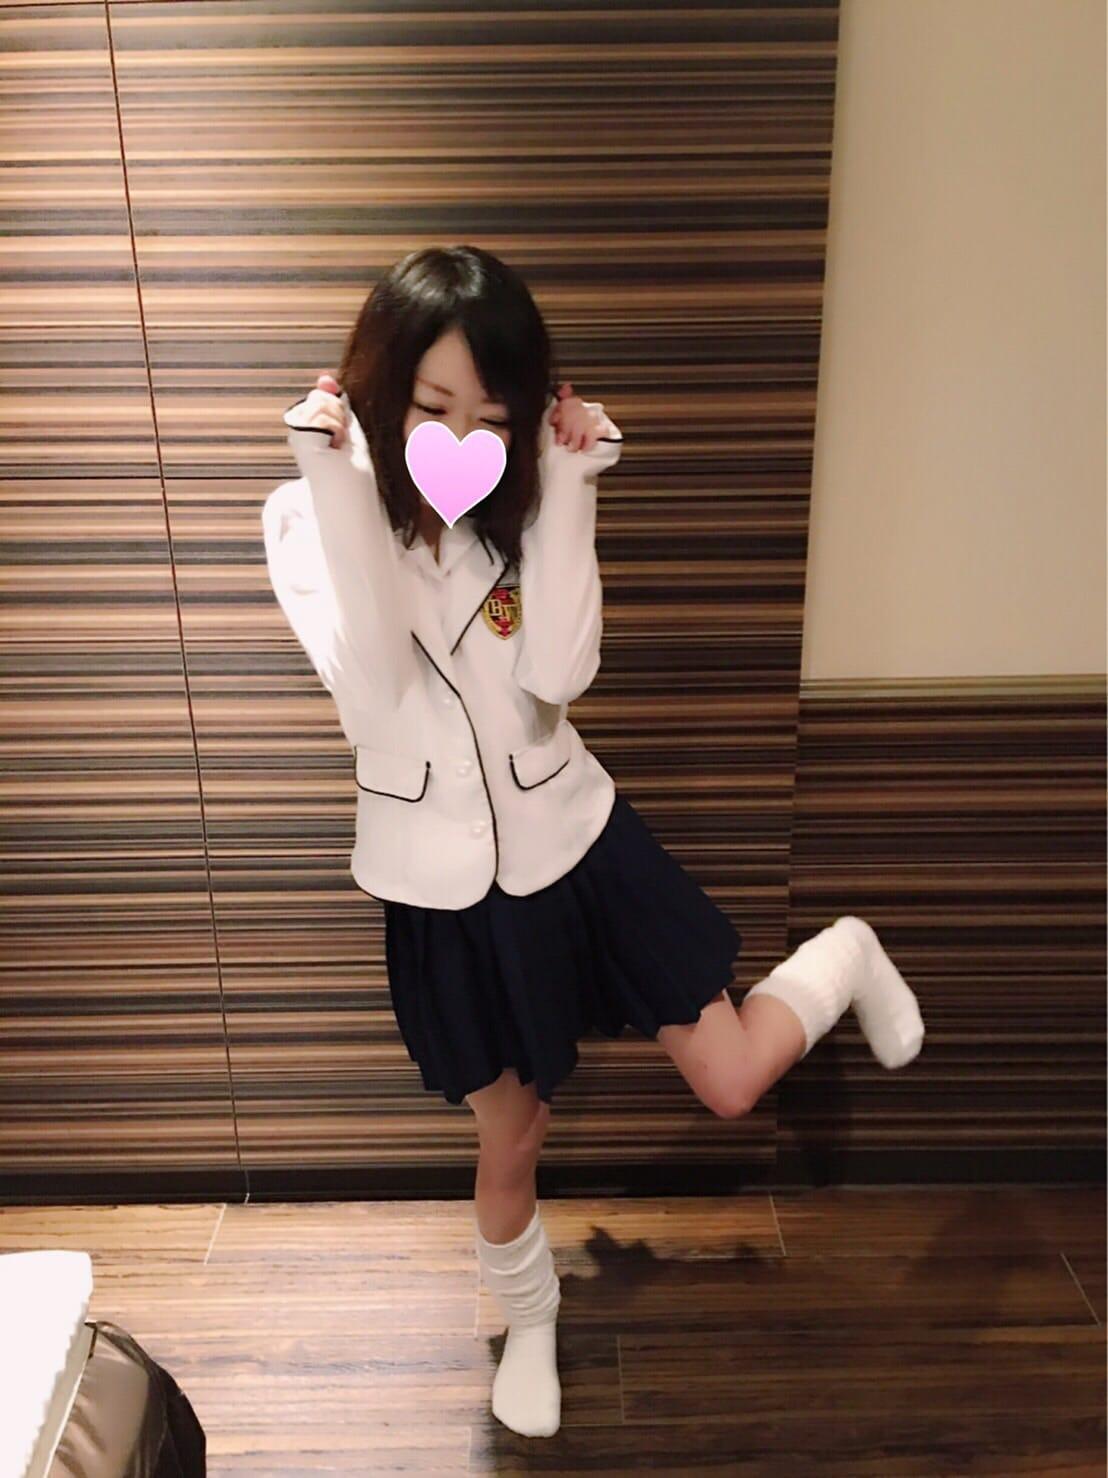 ふわり「いっぱい♡」09/25(月) 00:25 | ふわりの写メ・風俗動画